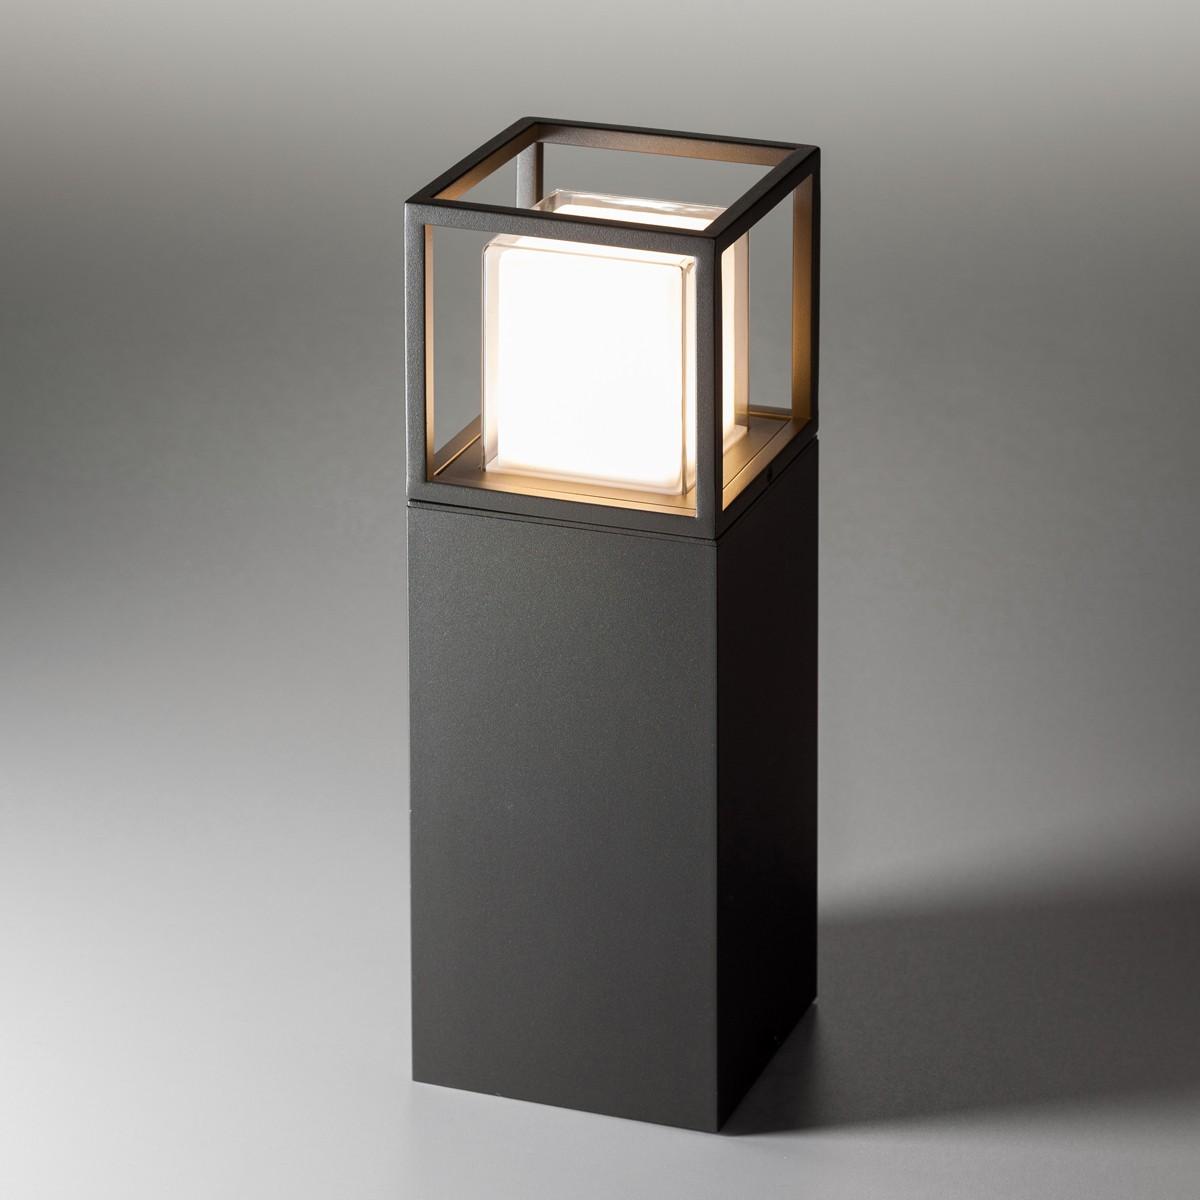 Lupia Licht Quadro S Sockelleuchte, anthrazit